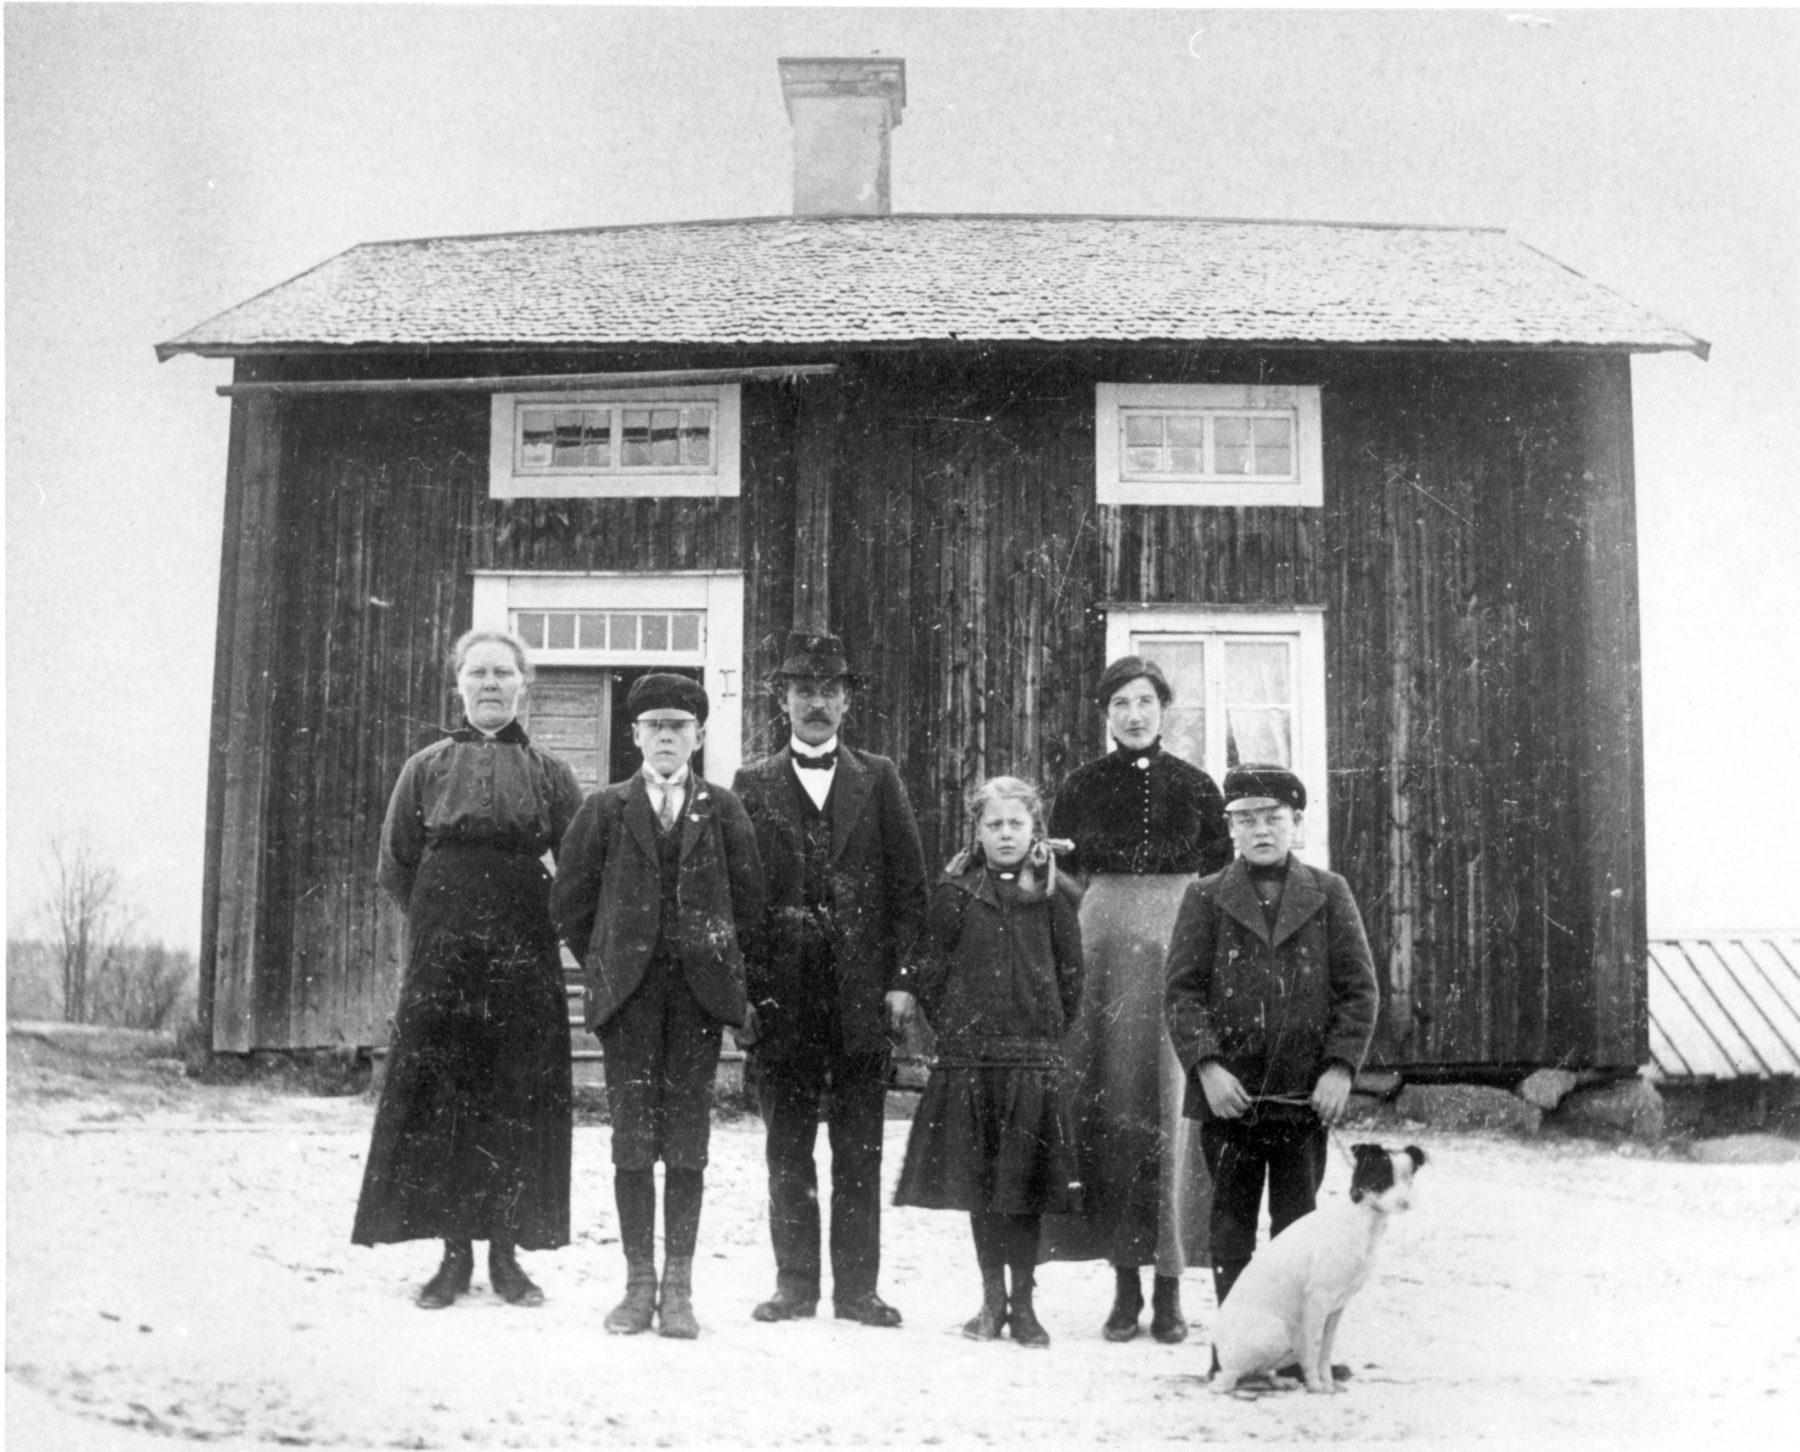 Familjebild framför hus